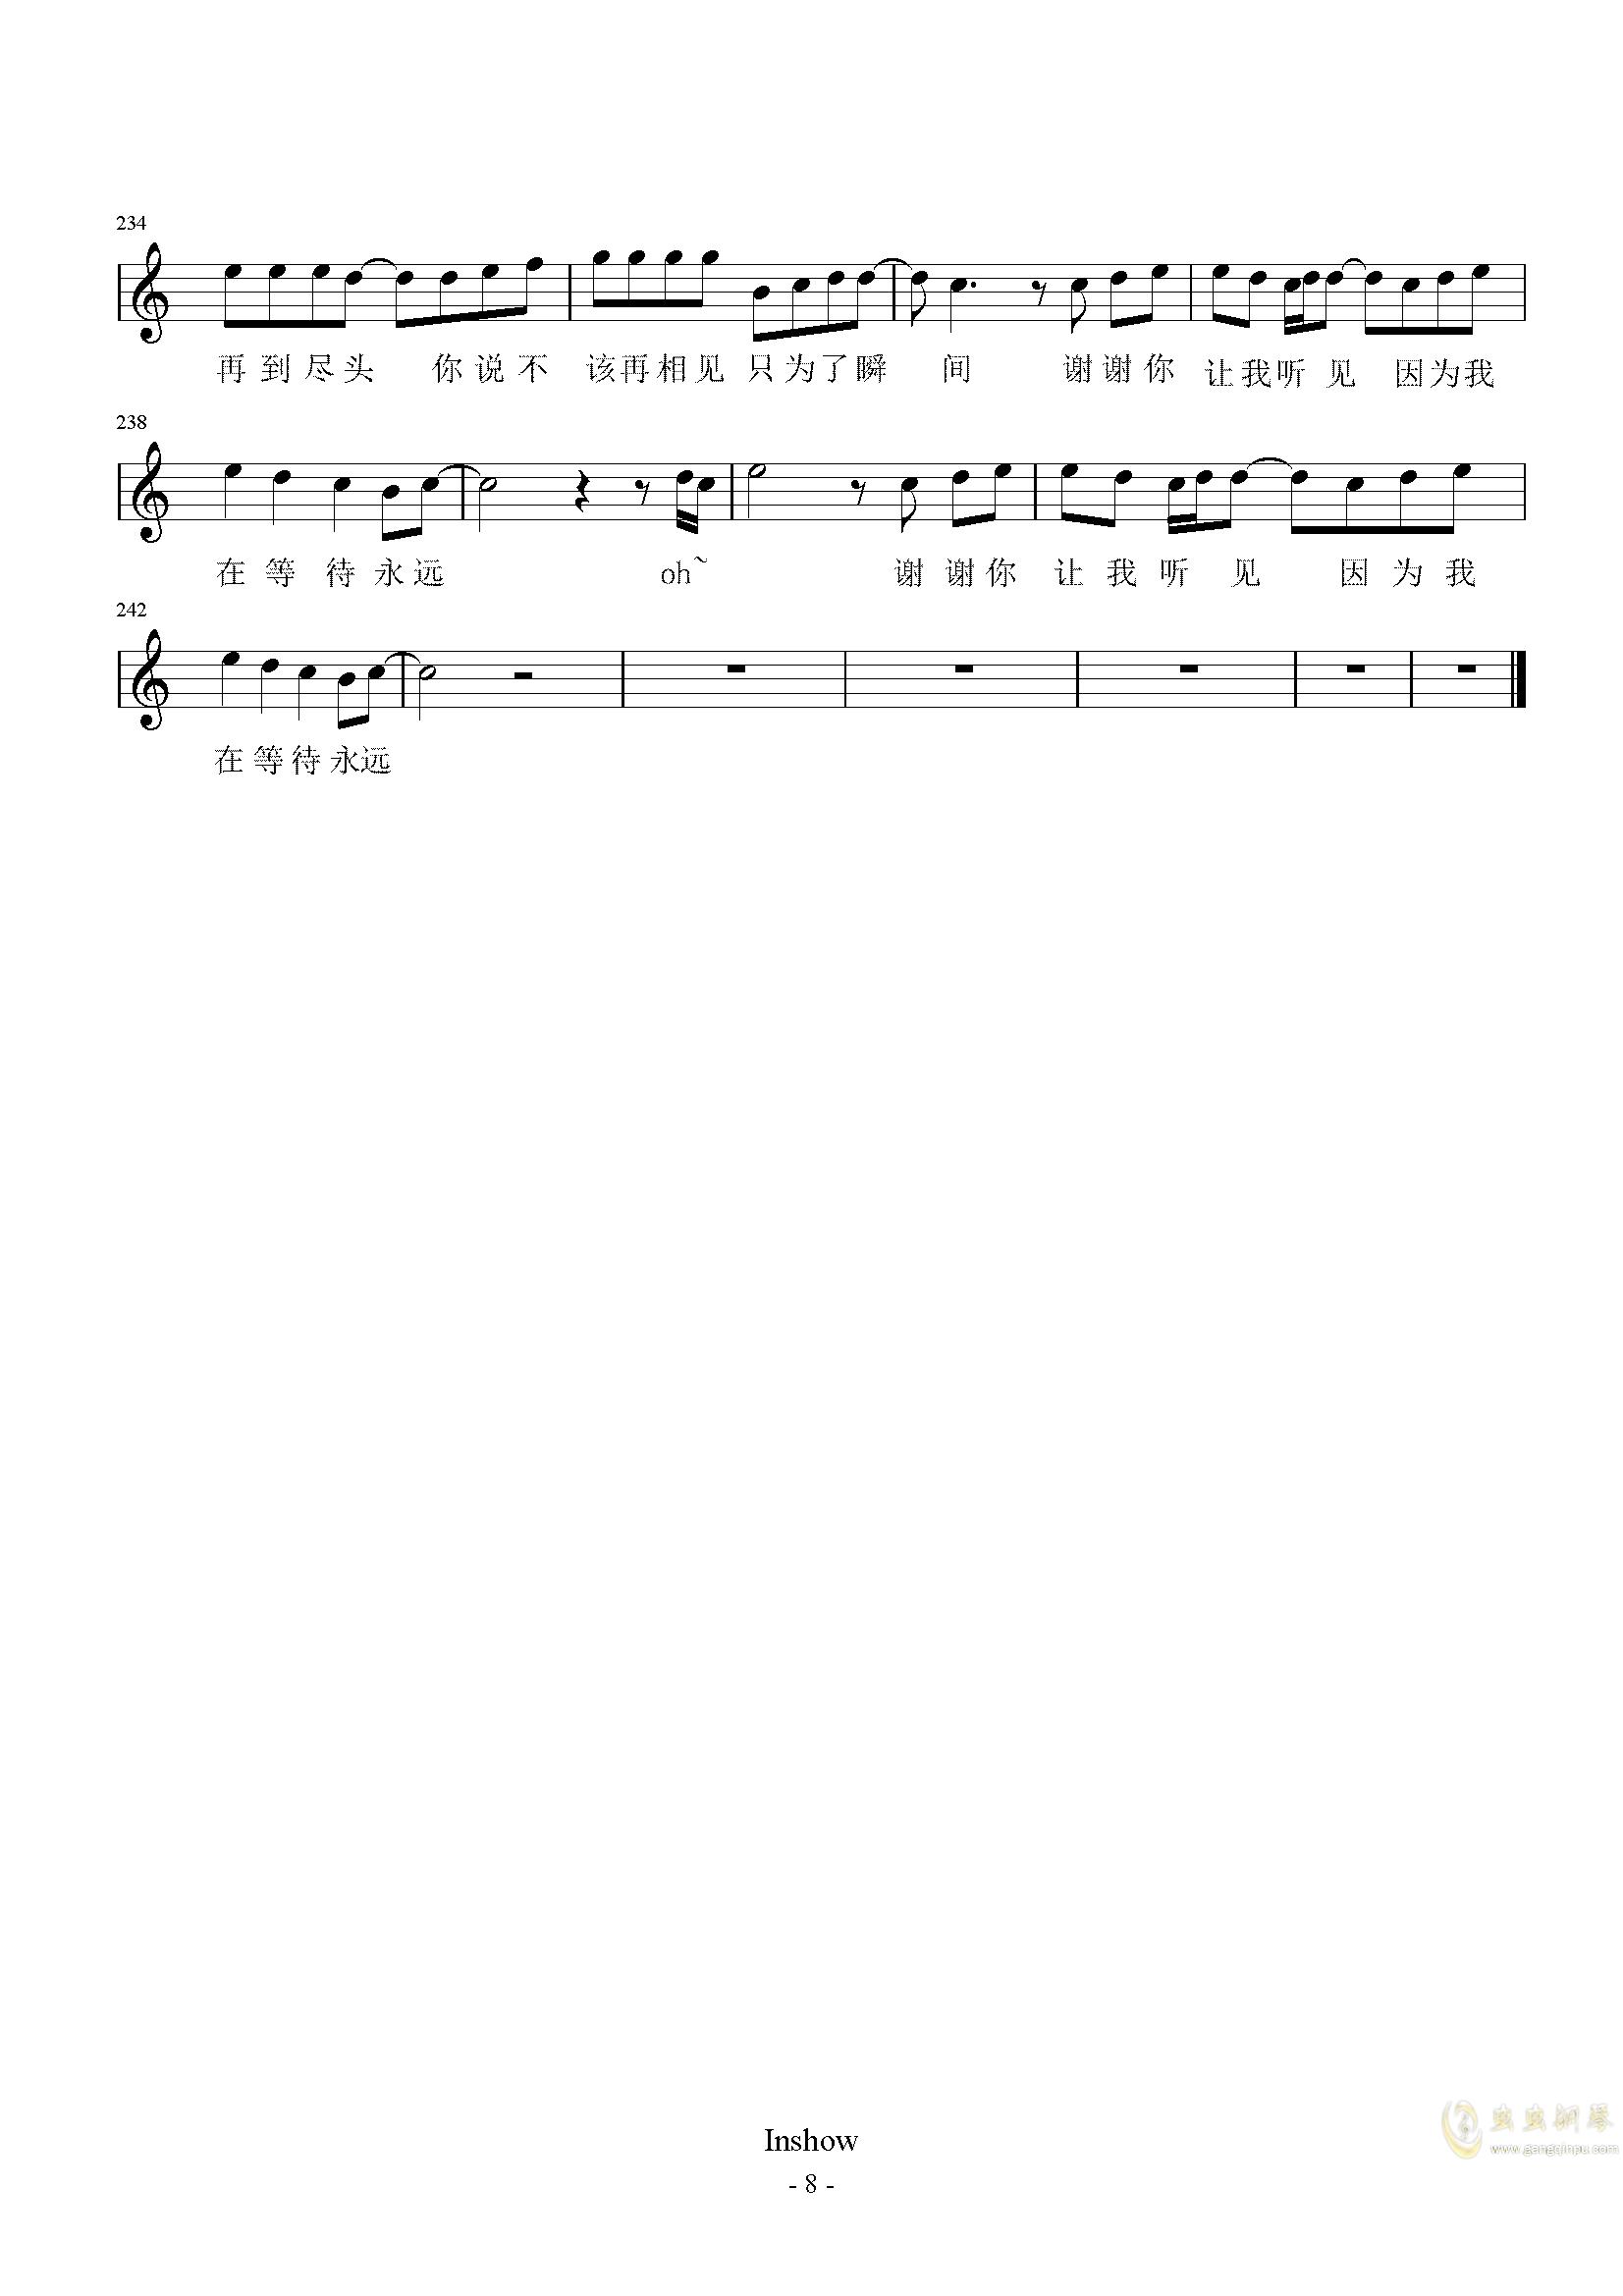 周杰伦情歌串烧钢琴谱 第8页